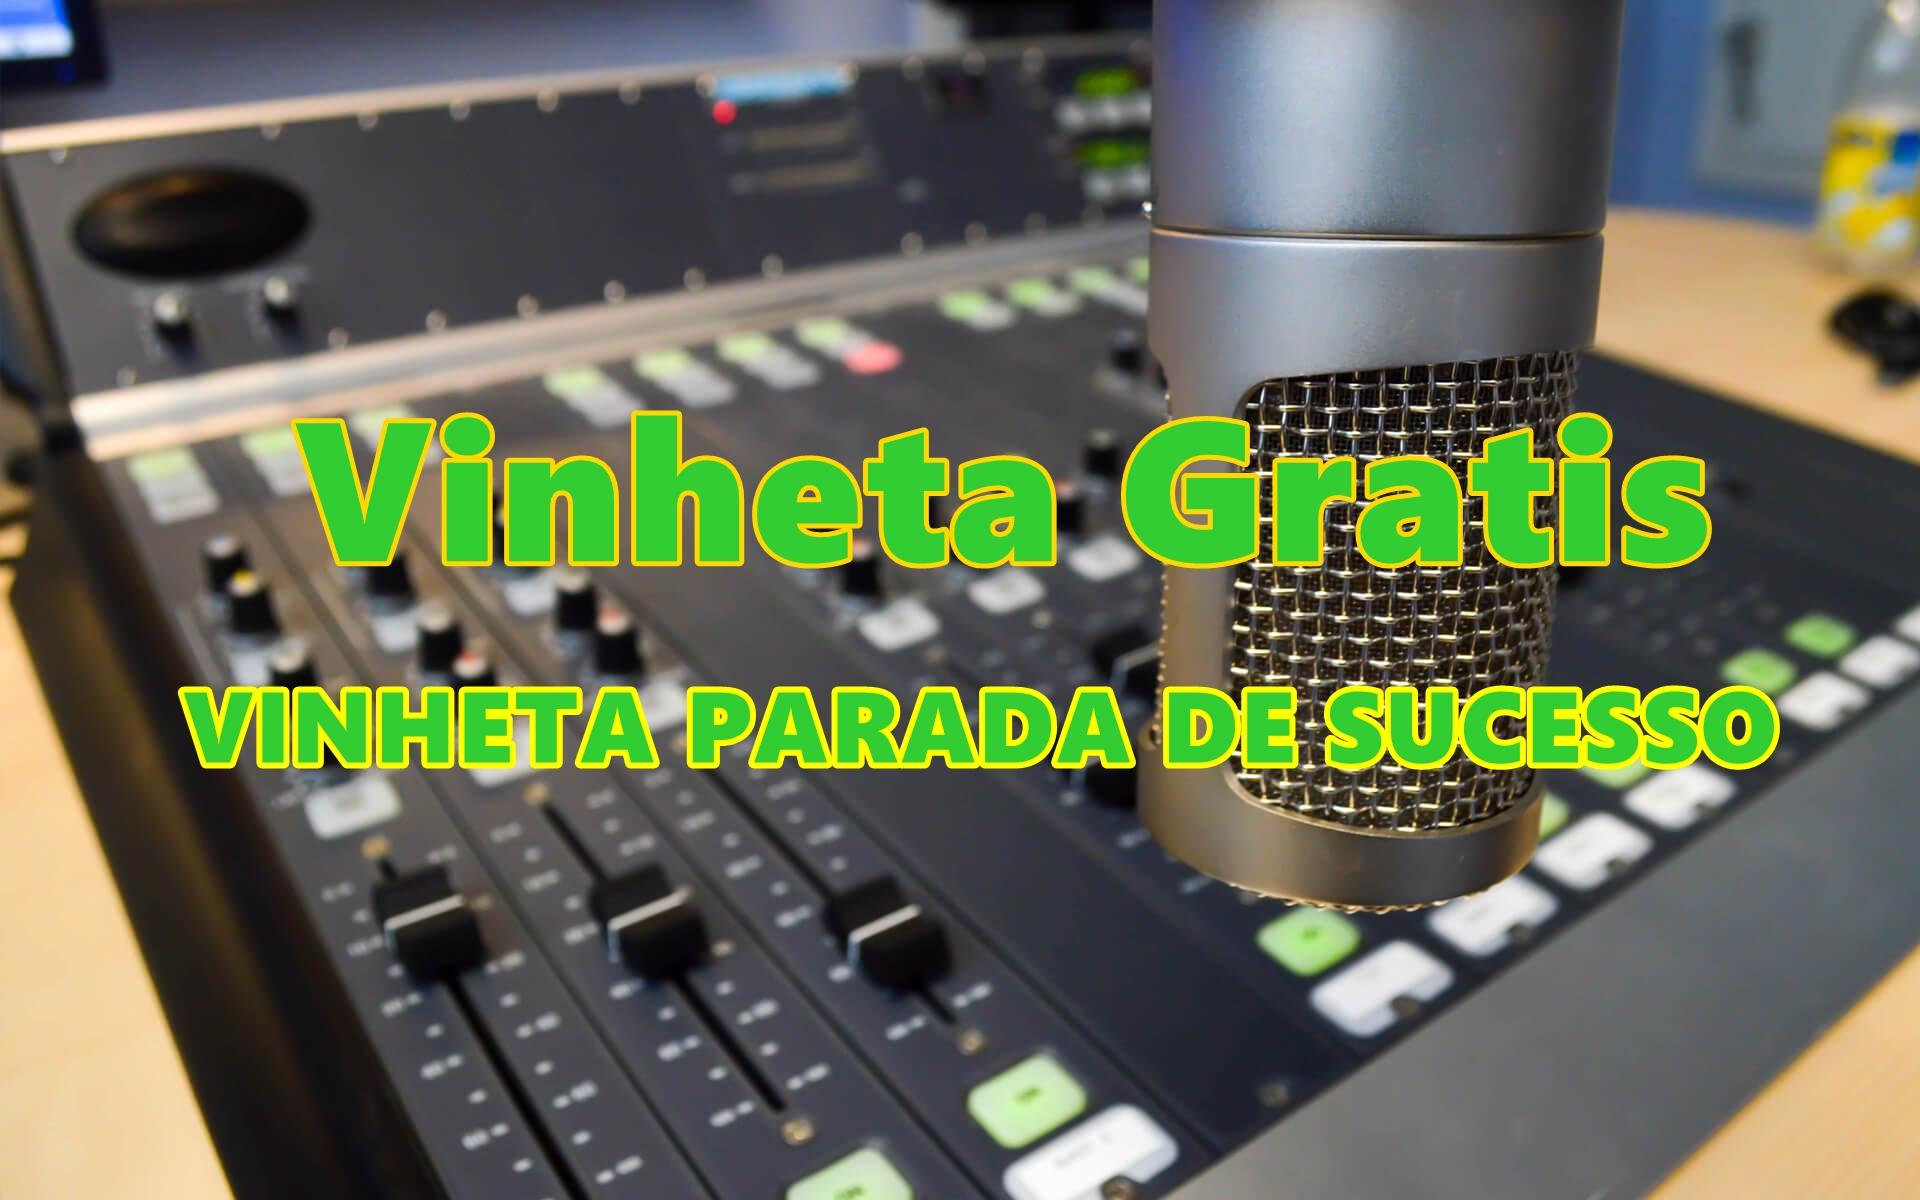 VINHETA PARADA DE SUCESSO